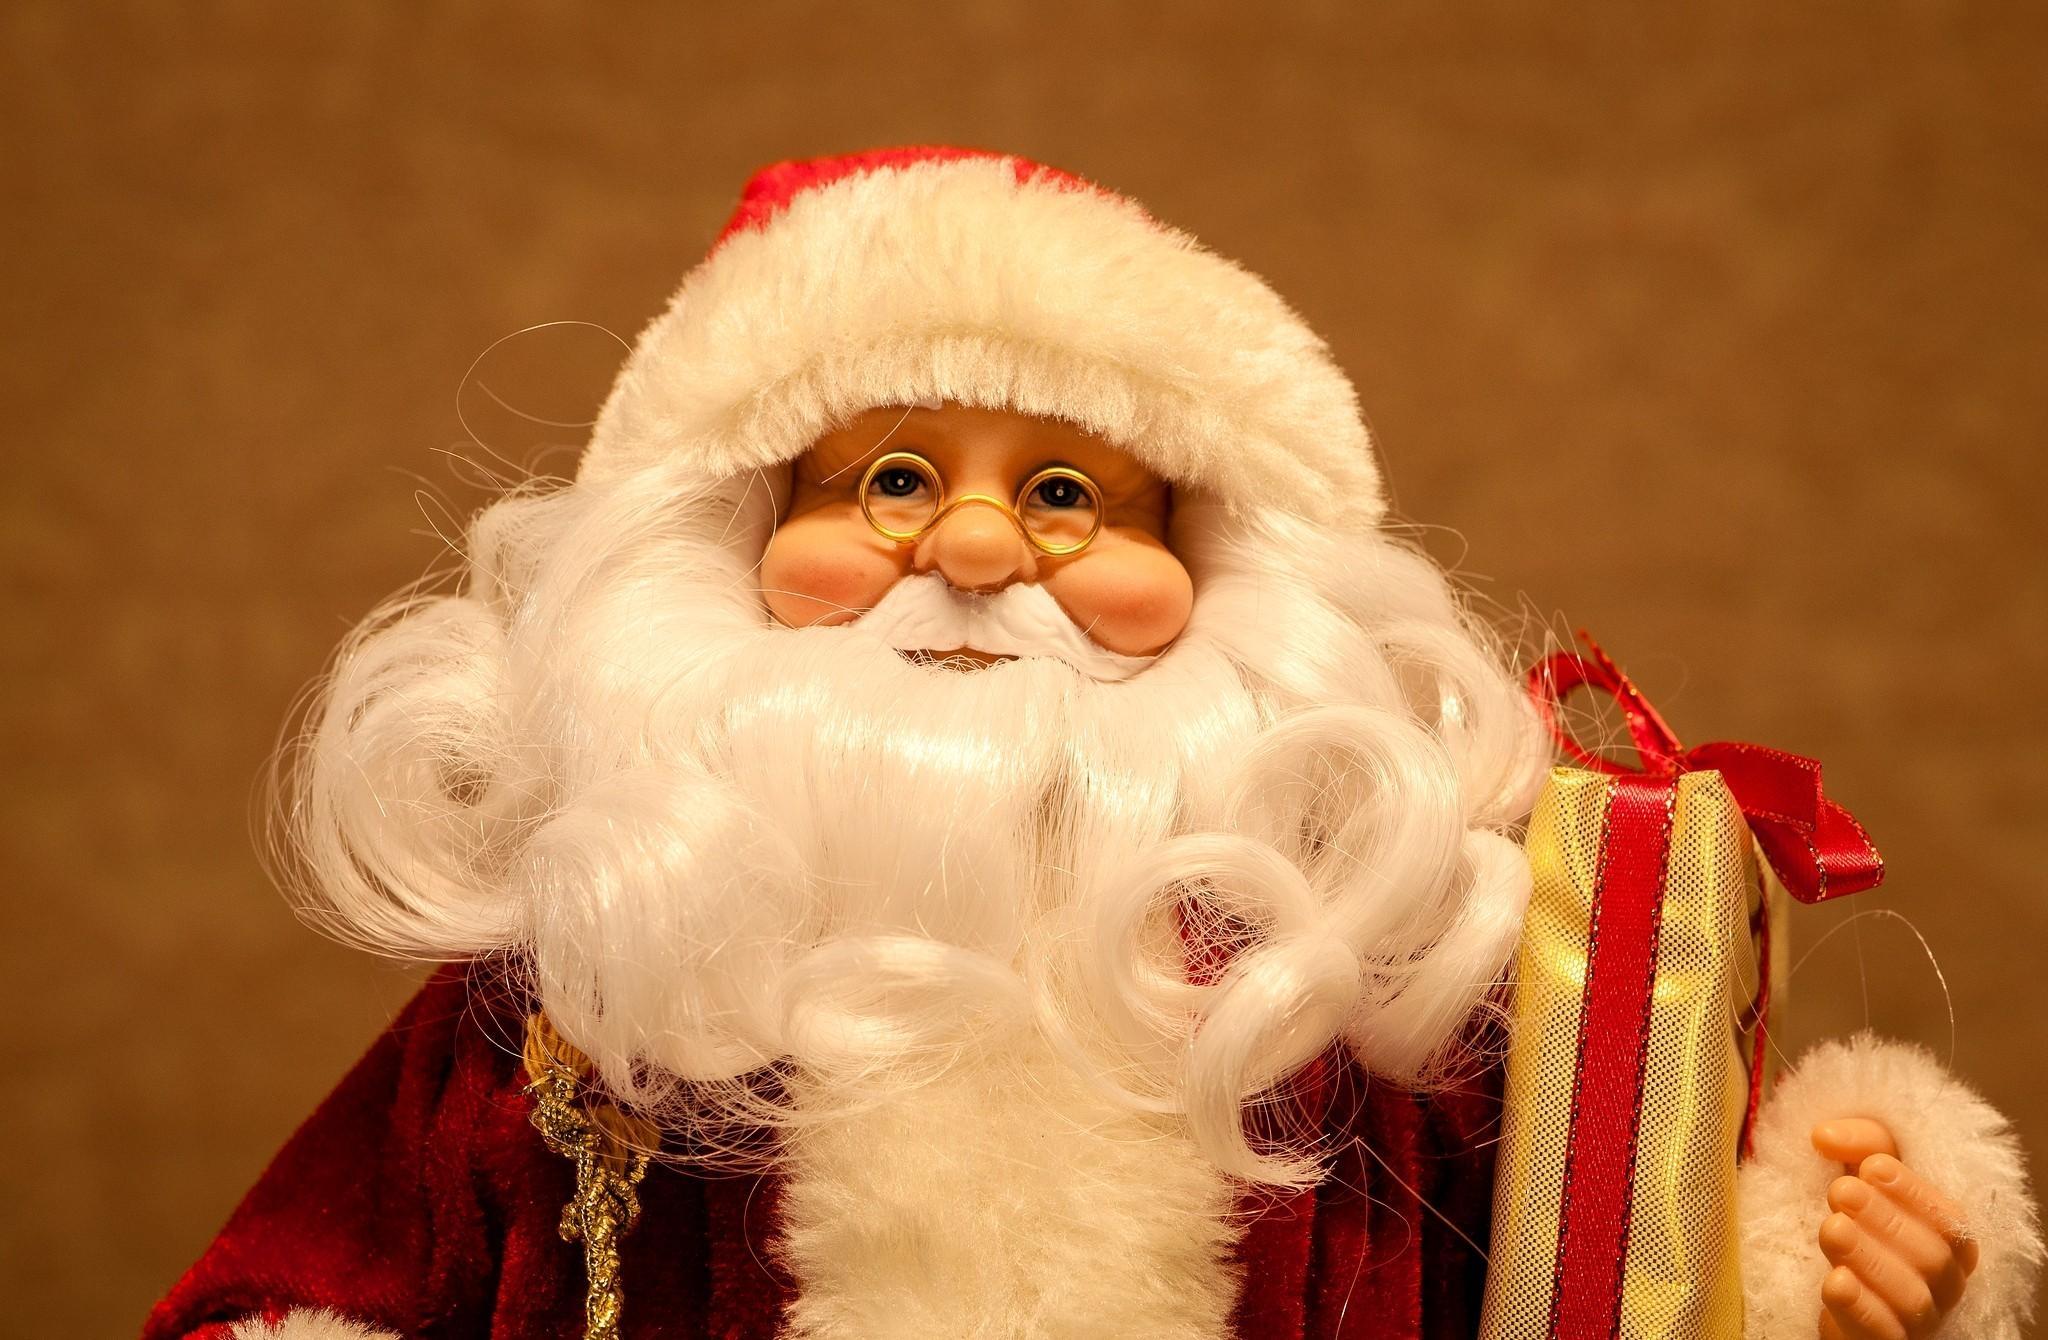 87488 скачать обои Праздники, Санта Клаус, Очки, Подарок, Рождество - заставки и картинки бесплатно